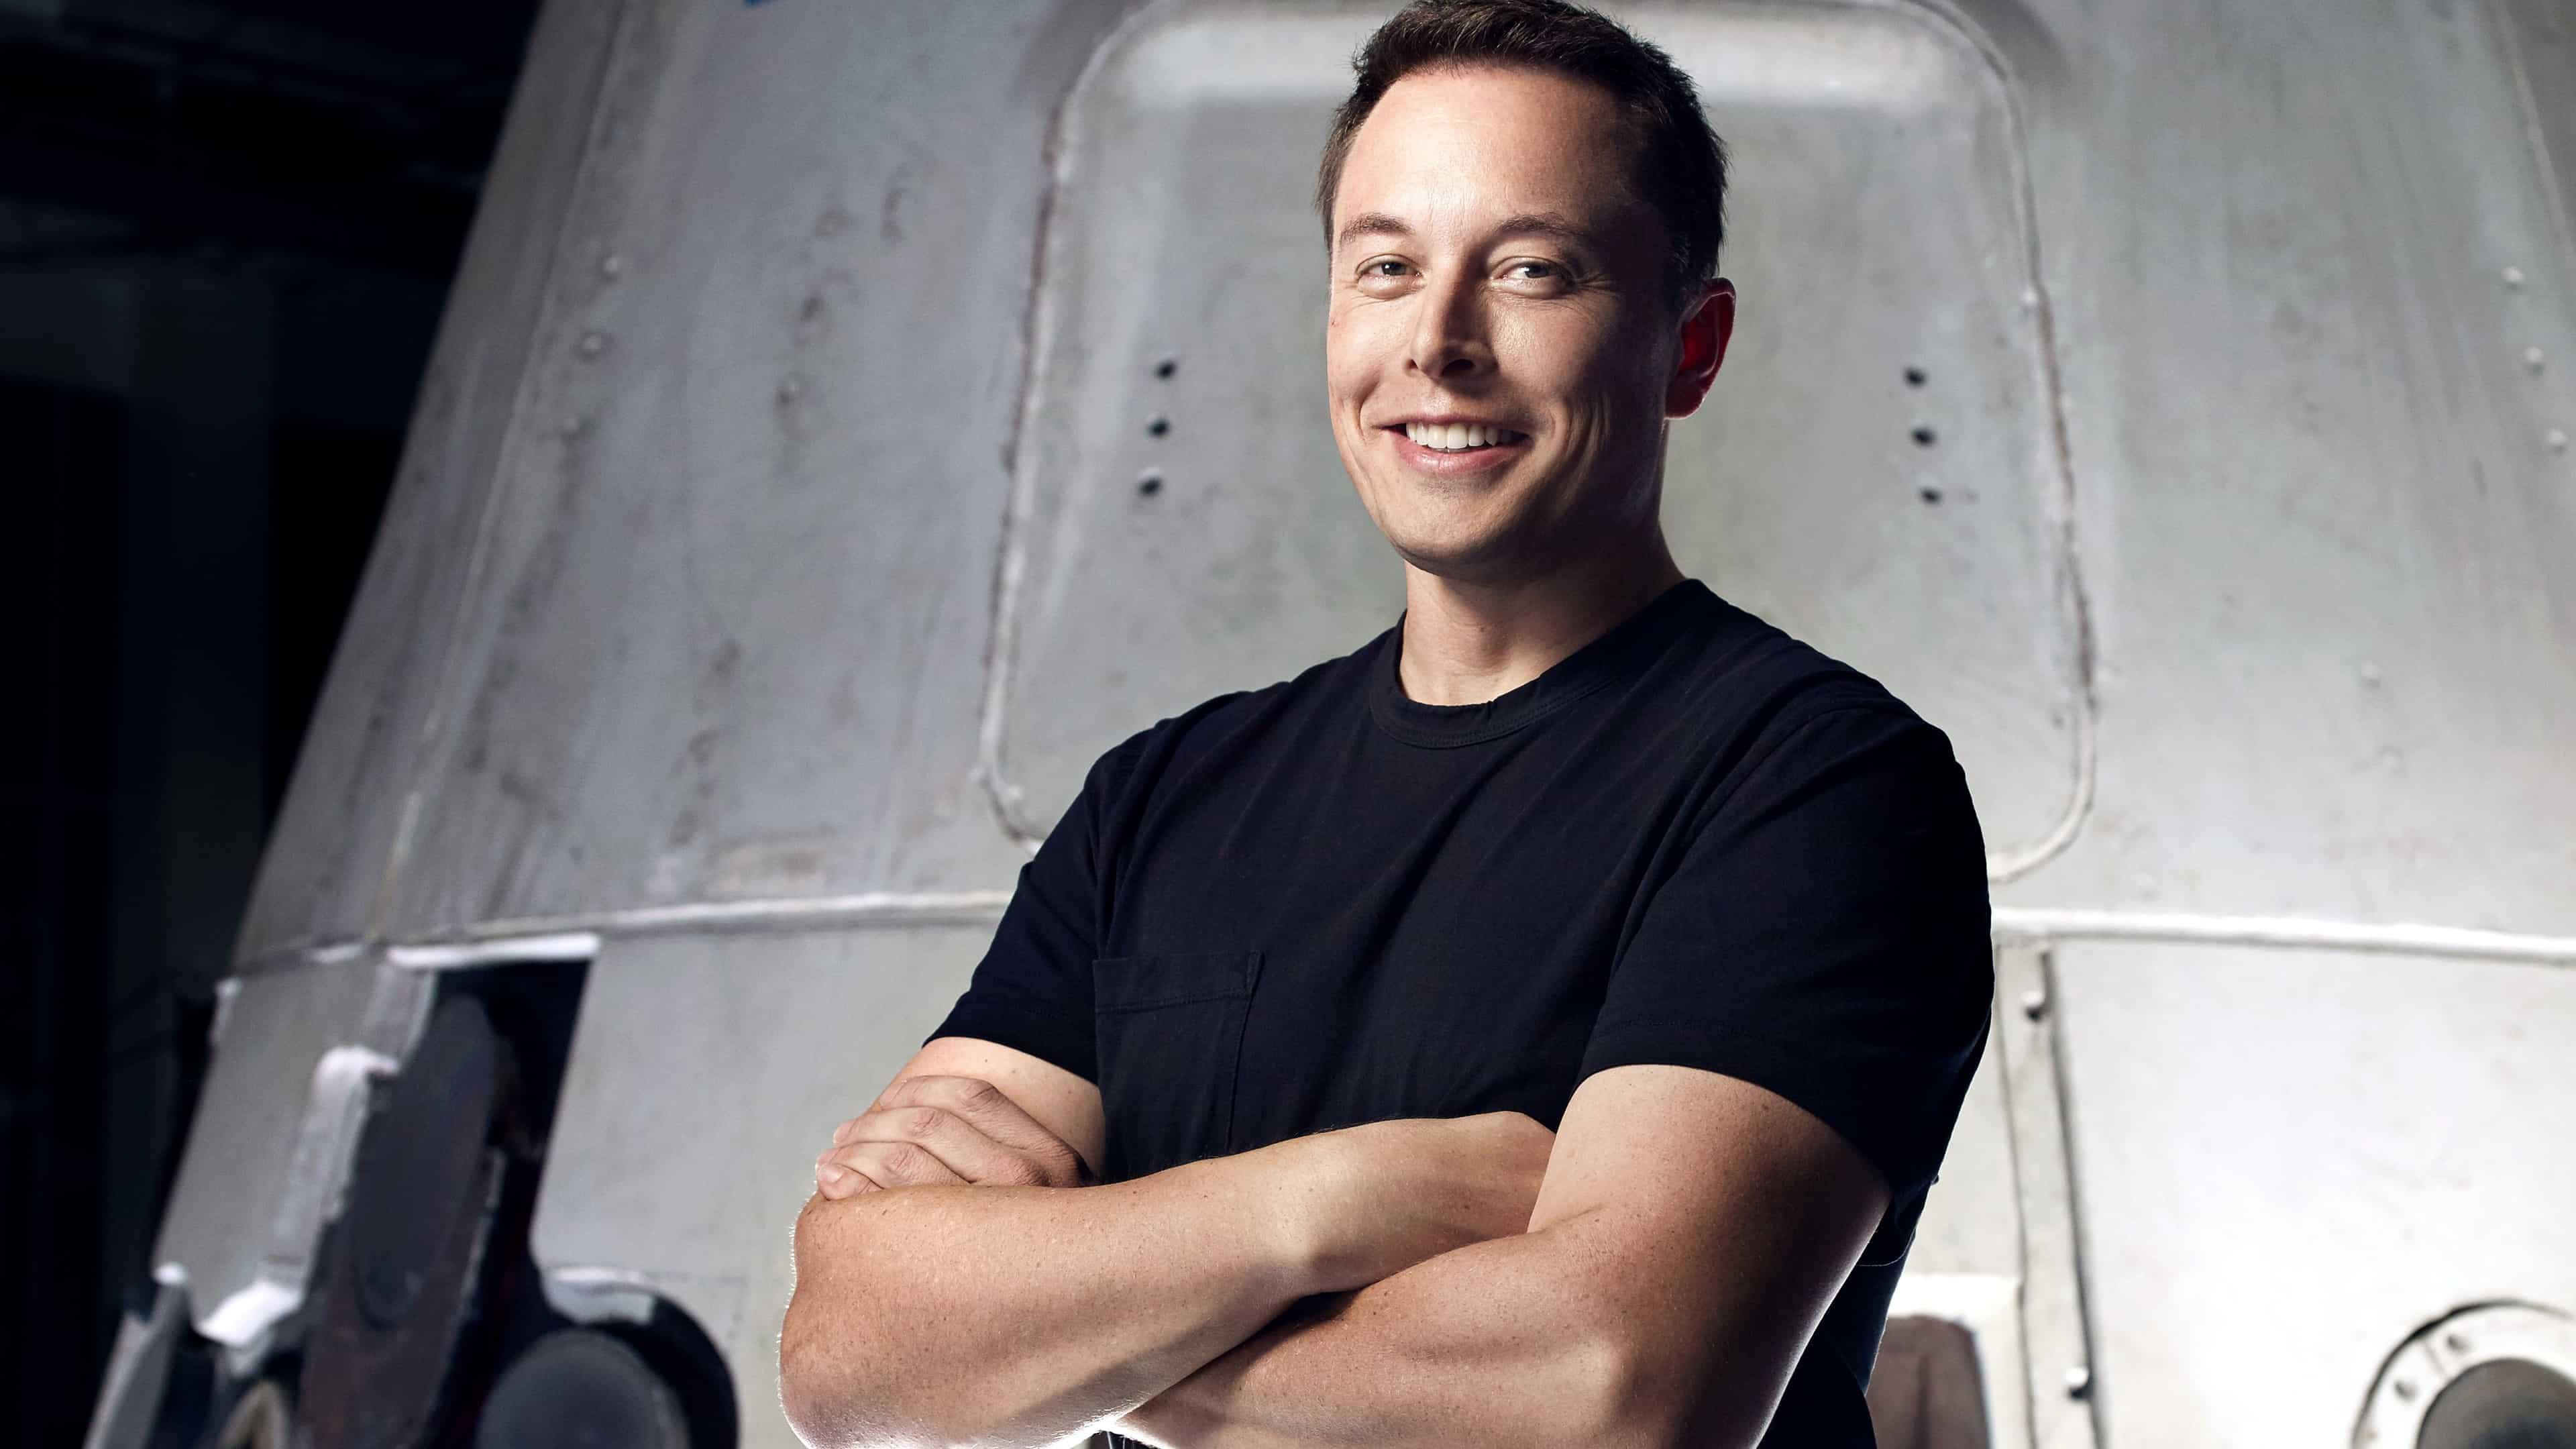 Elon Musk Wallpapers Top Free Elon Musk Backgrounds